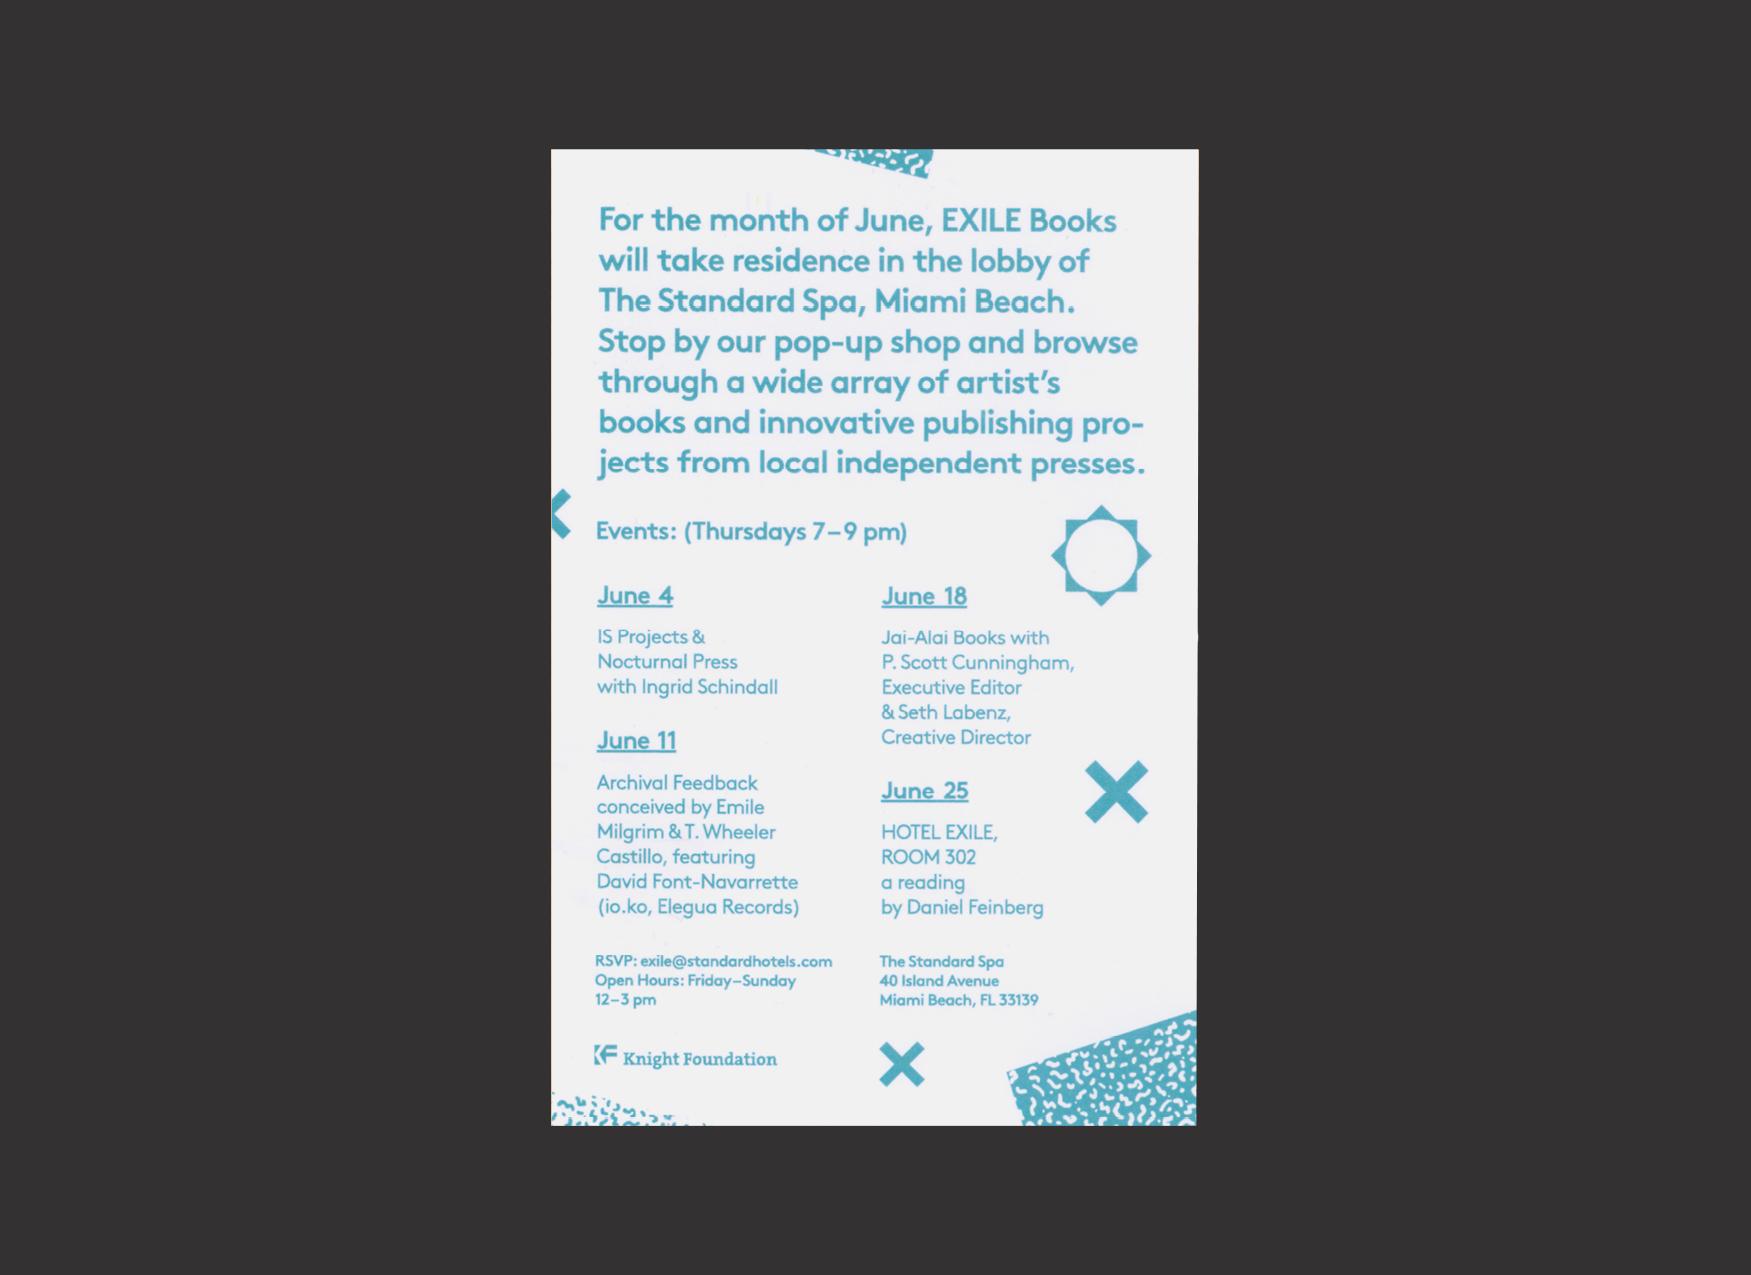 Gusto Studio — EXILE BOOKS